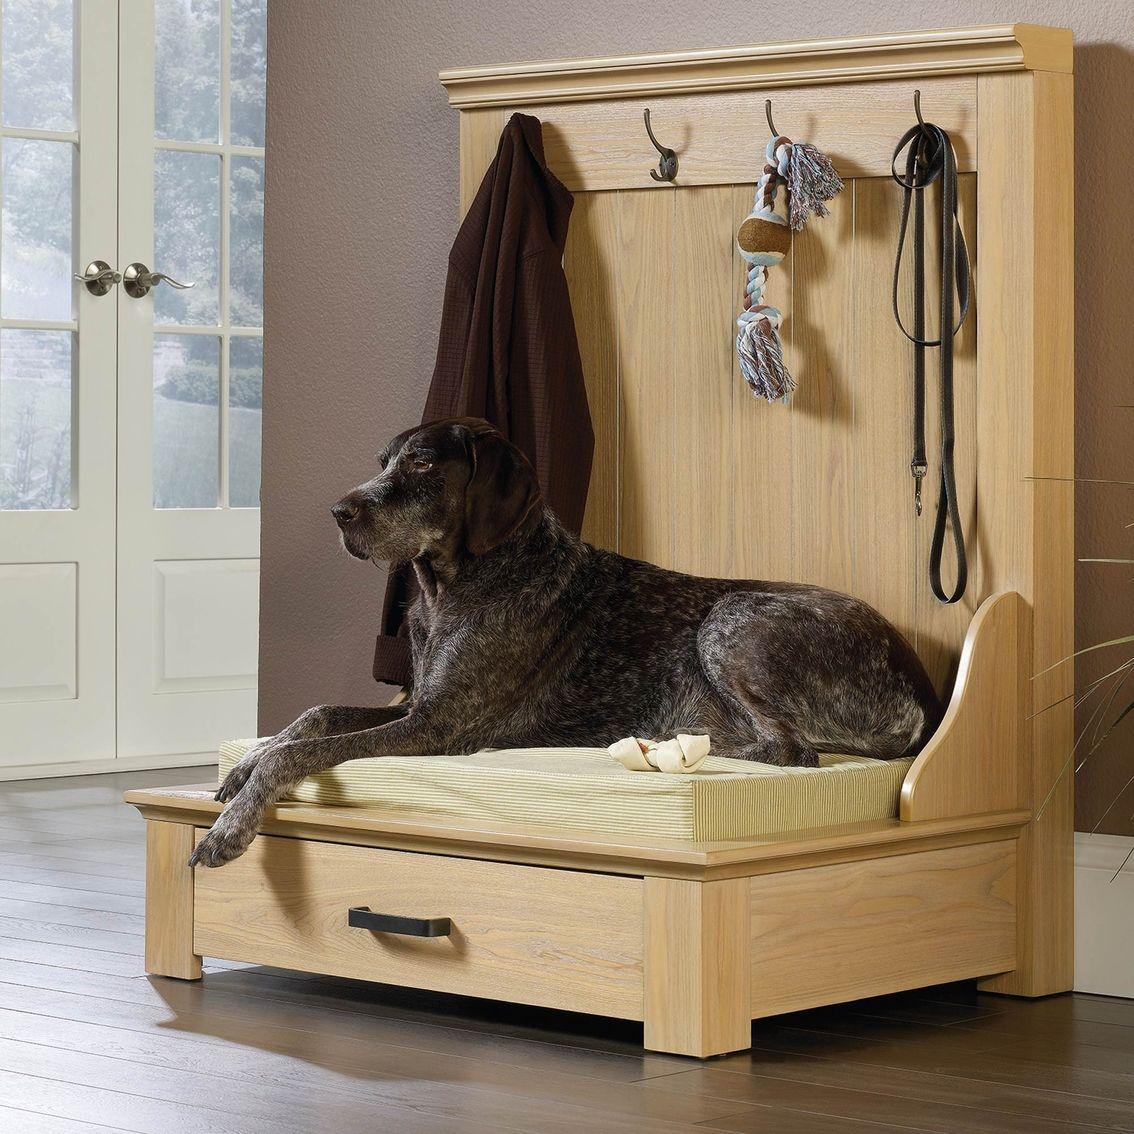 Sauder Pet Home Entryway Dog Bed Beds More Shop The Exchange Dog Bed Cushion Dog Bed Pet Furniture